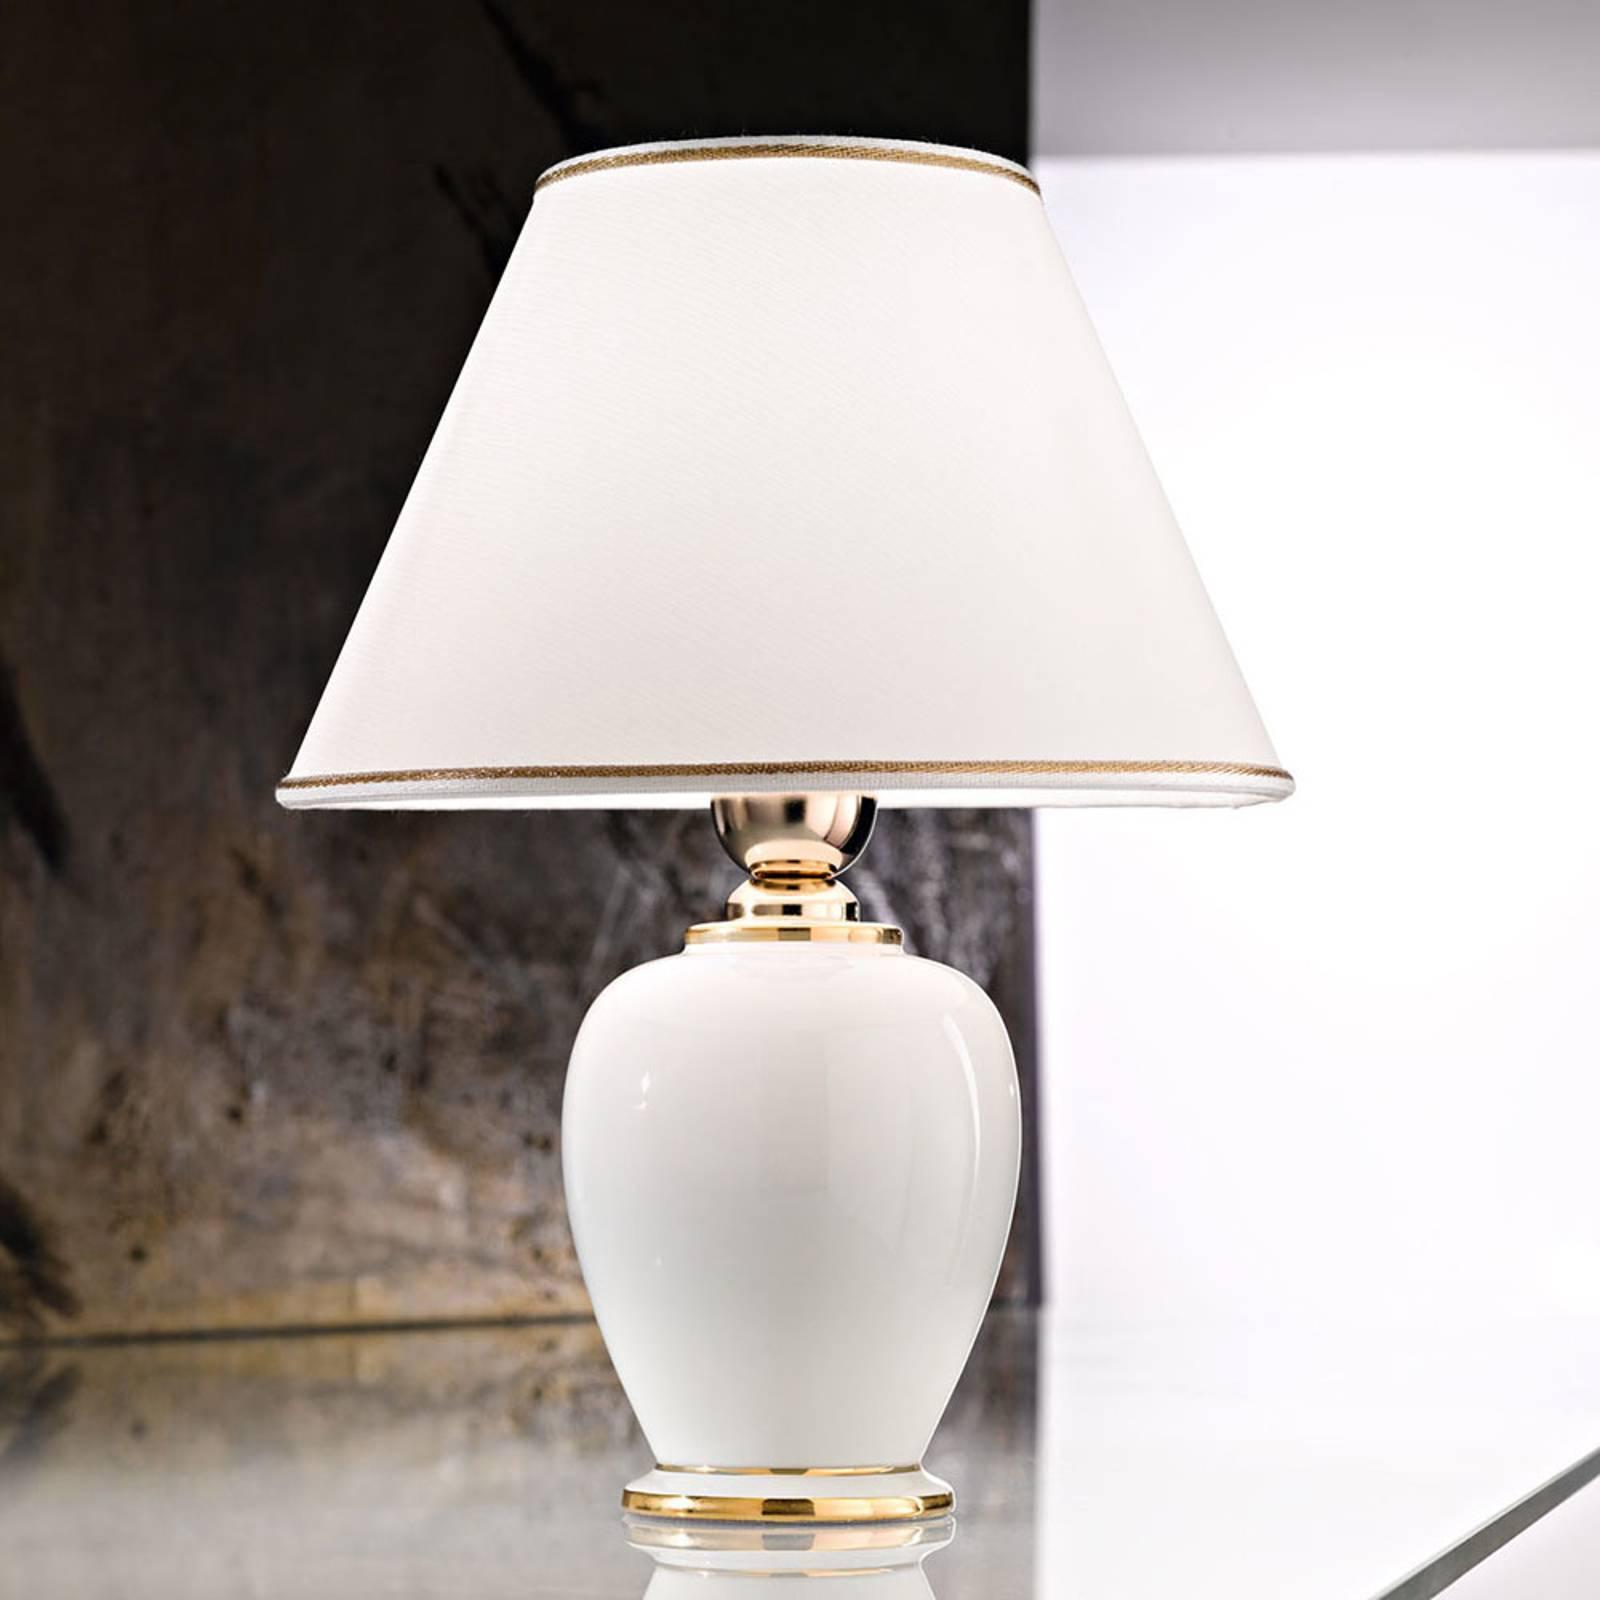 Pöytälamppu Giardino Avorio valkoinen-kulta Ø25 cm